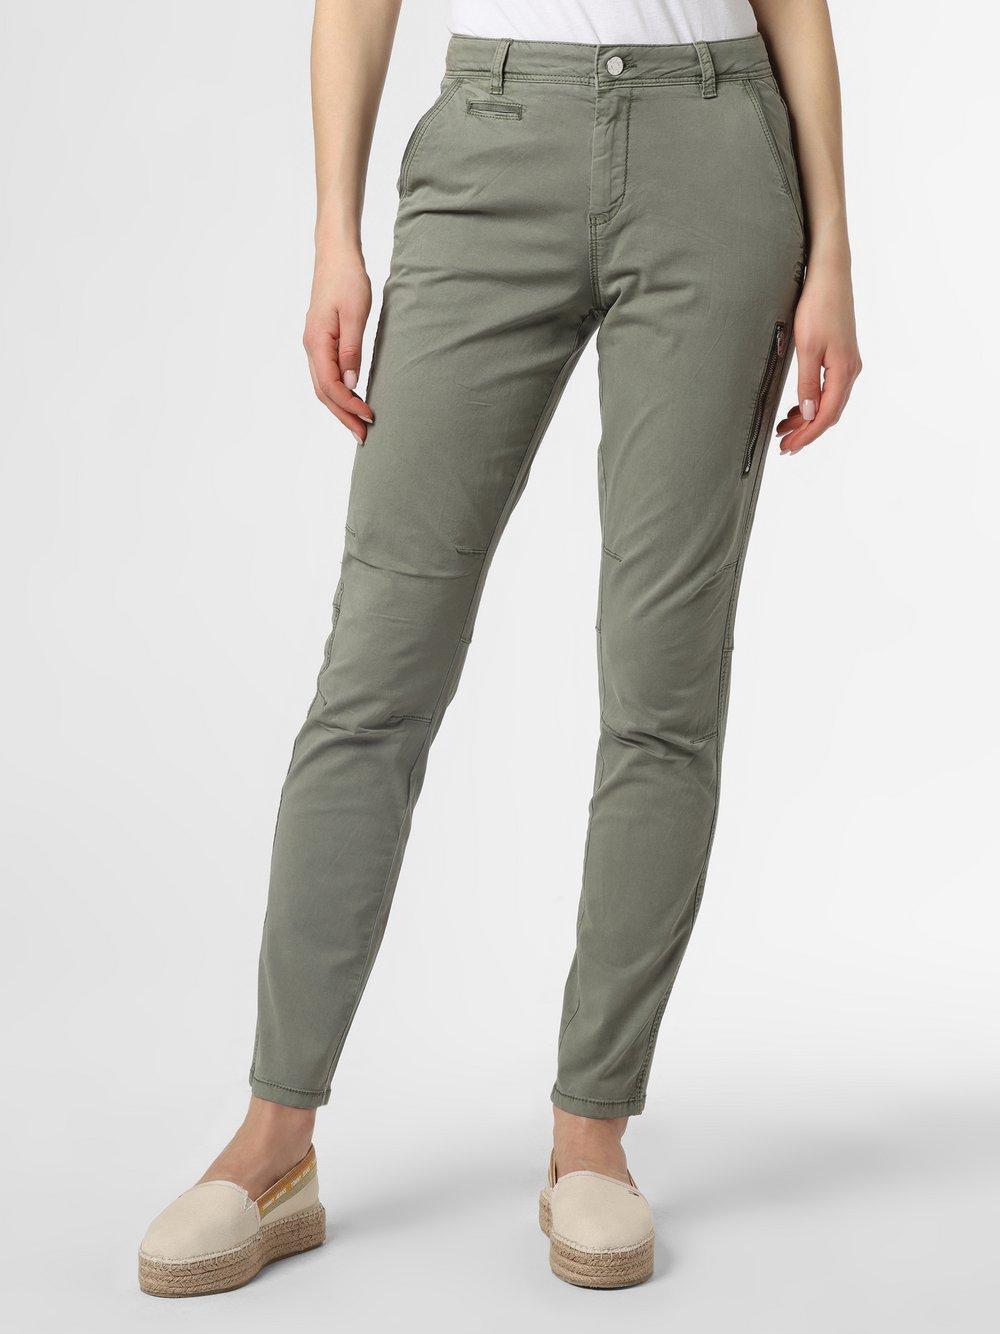 s.Oliver - Spodnie damskie, zielony